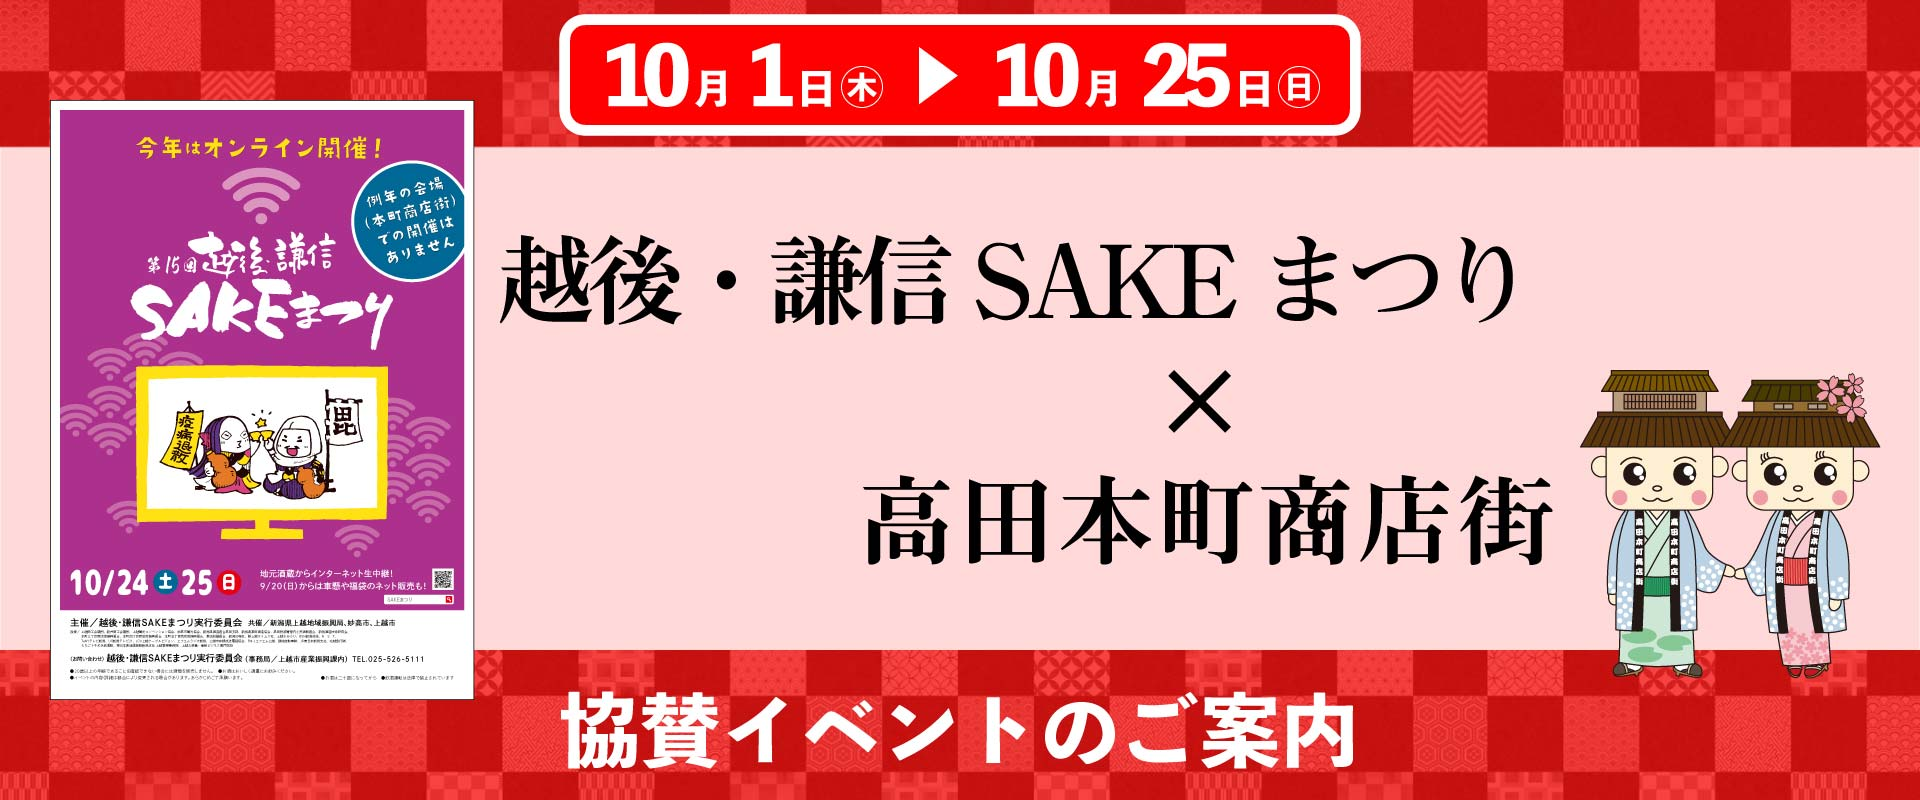 越後・謙信SAKEまつり×高田本町商店街 協賛イベントのご案内